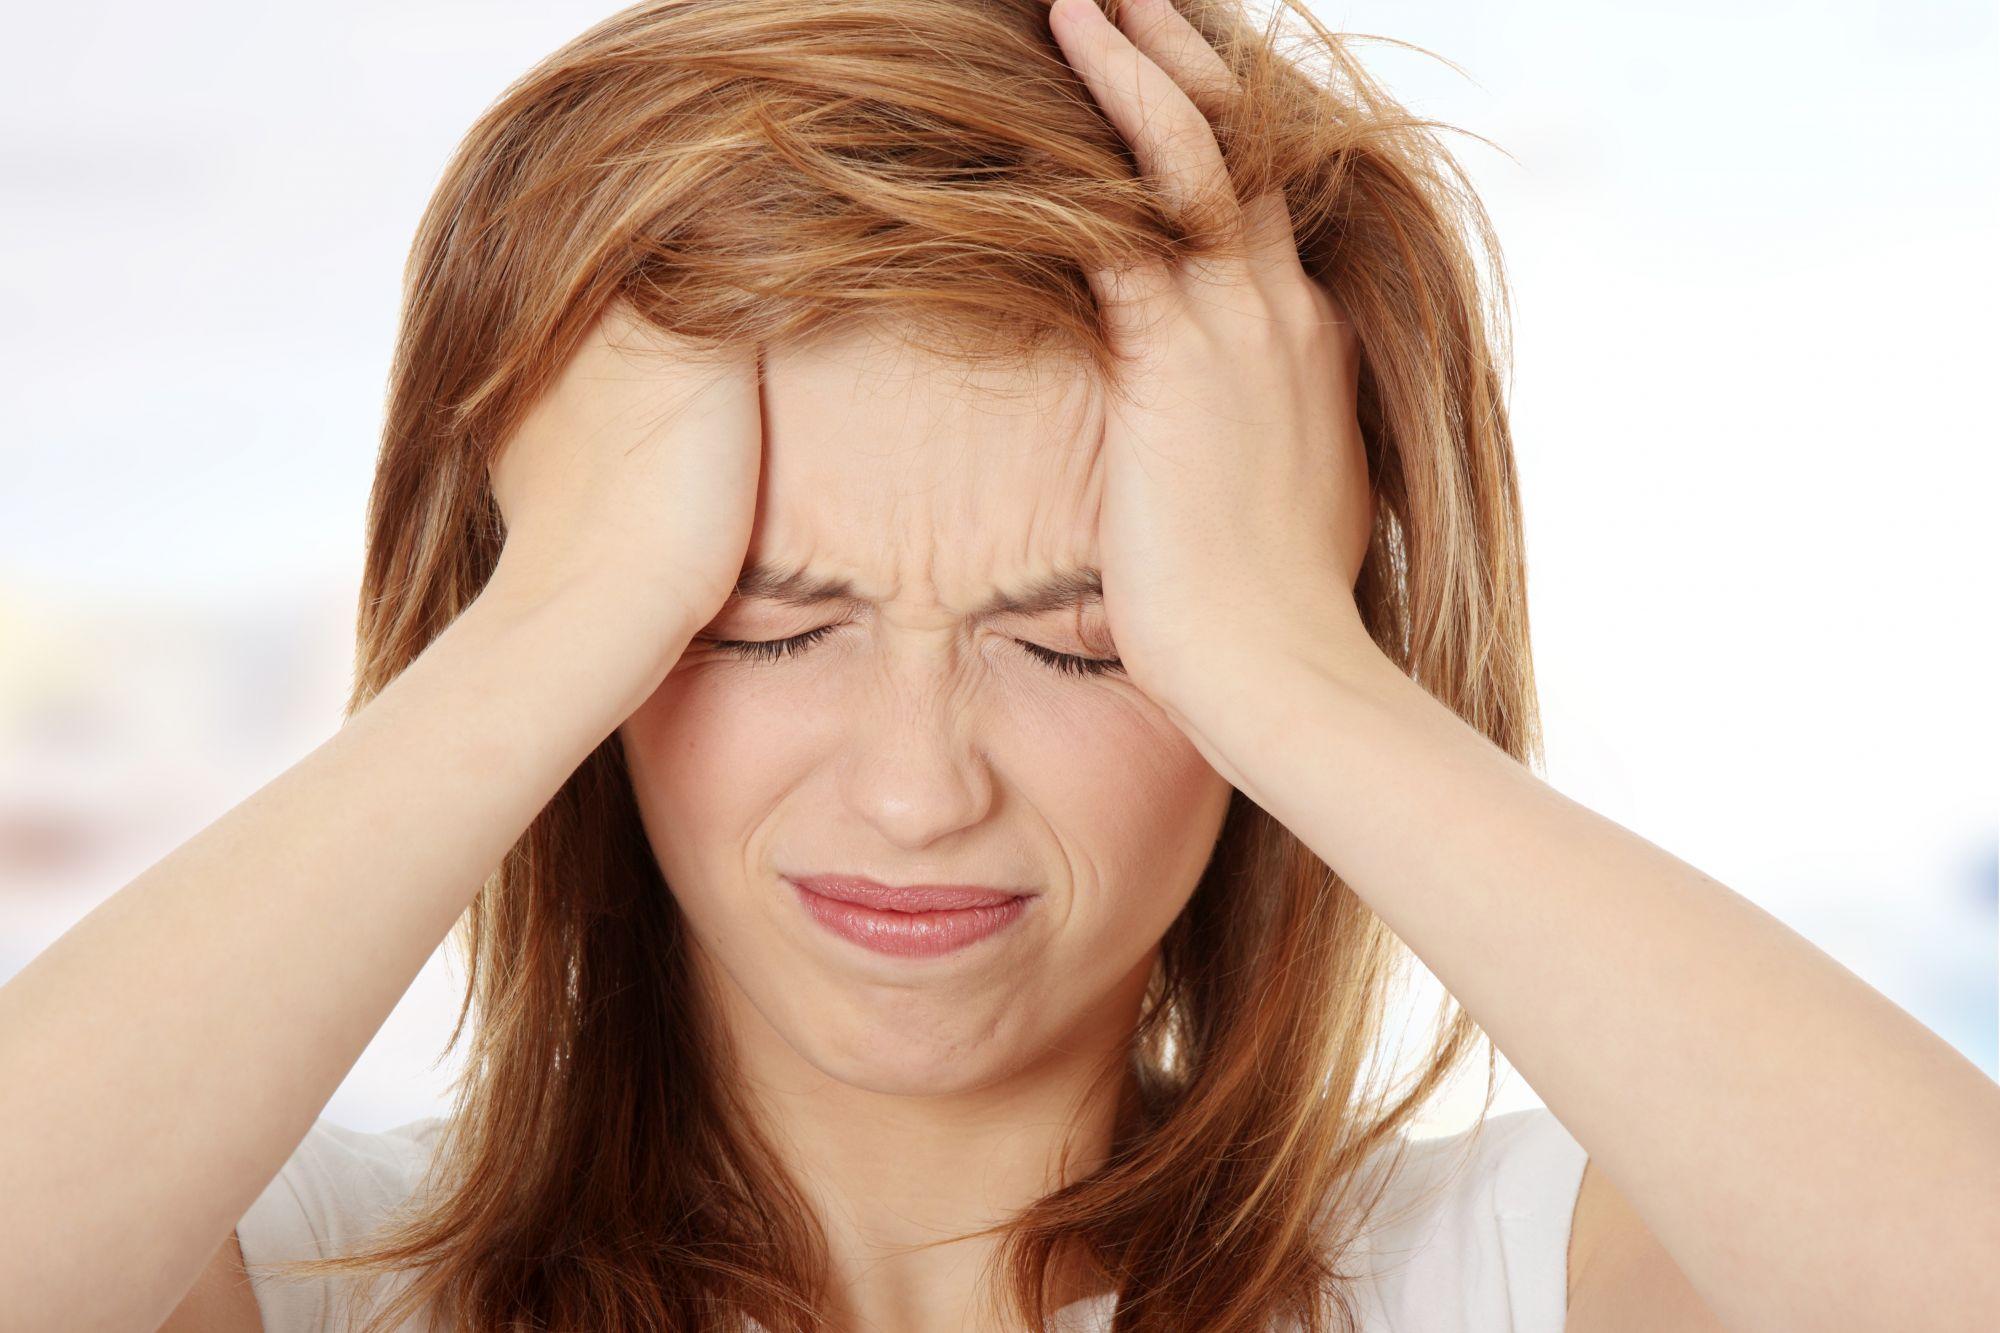 diagnóza, bolesť hlavy